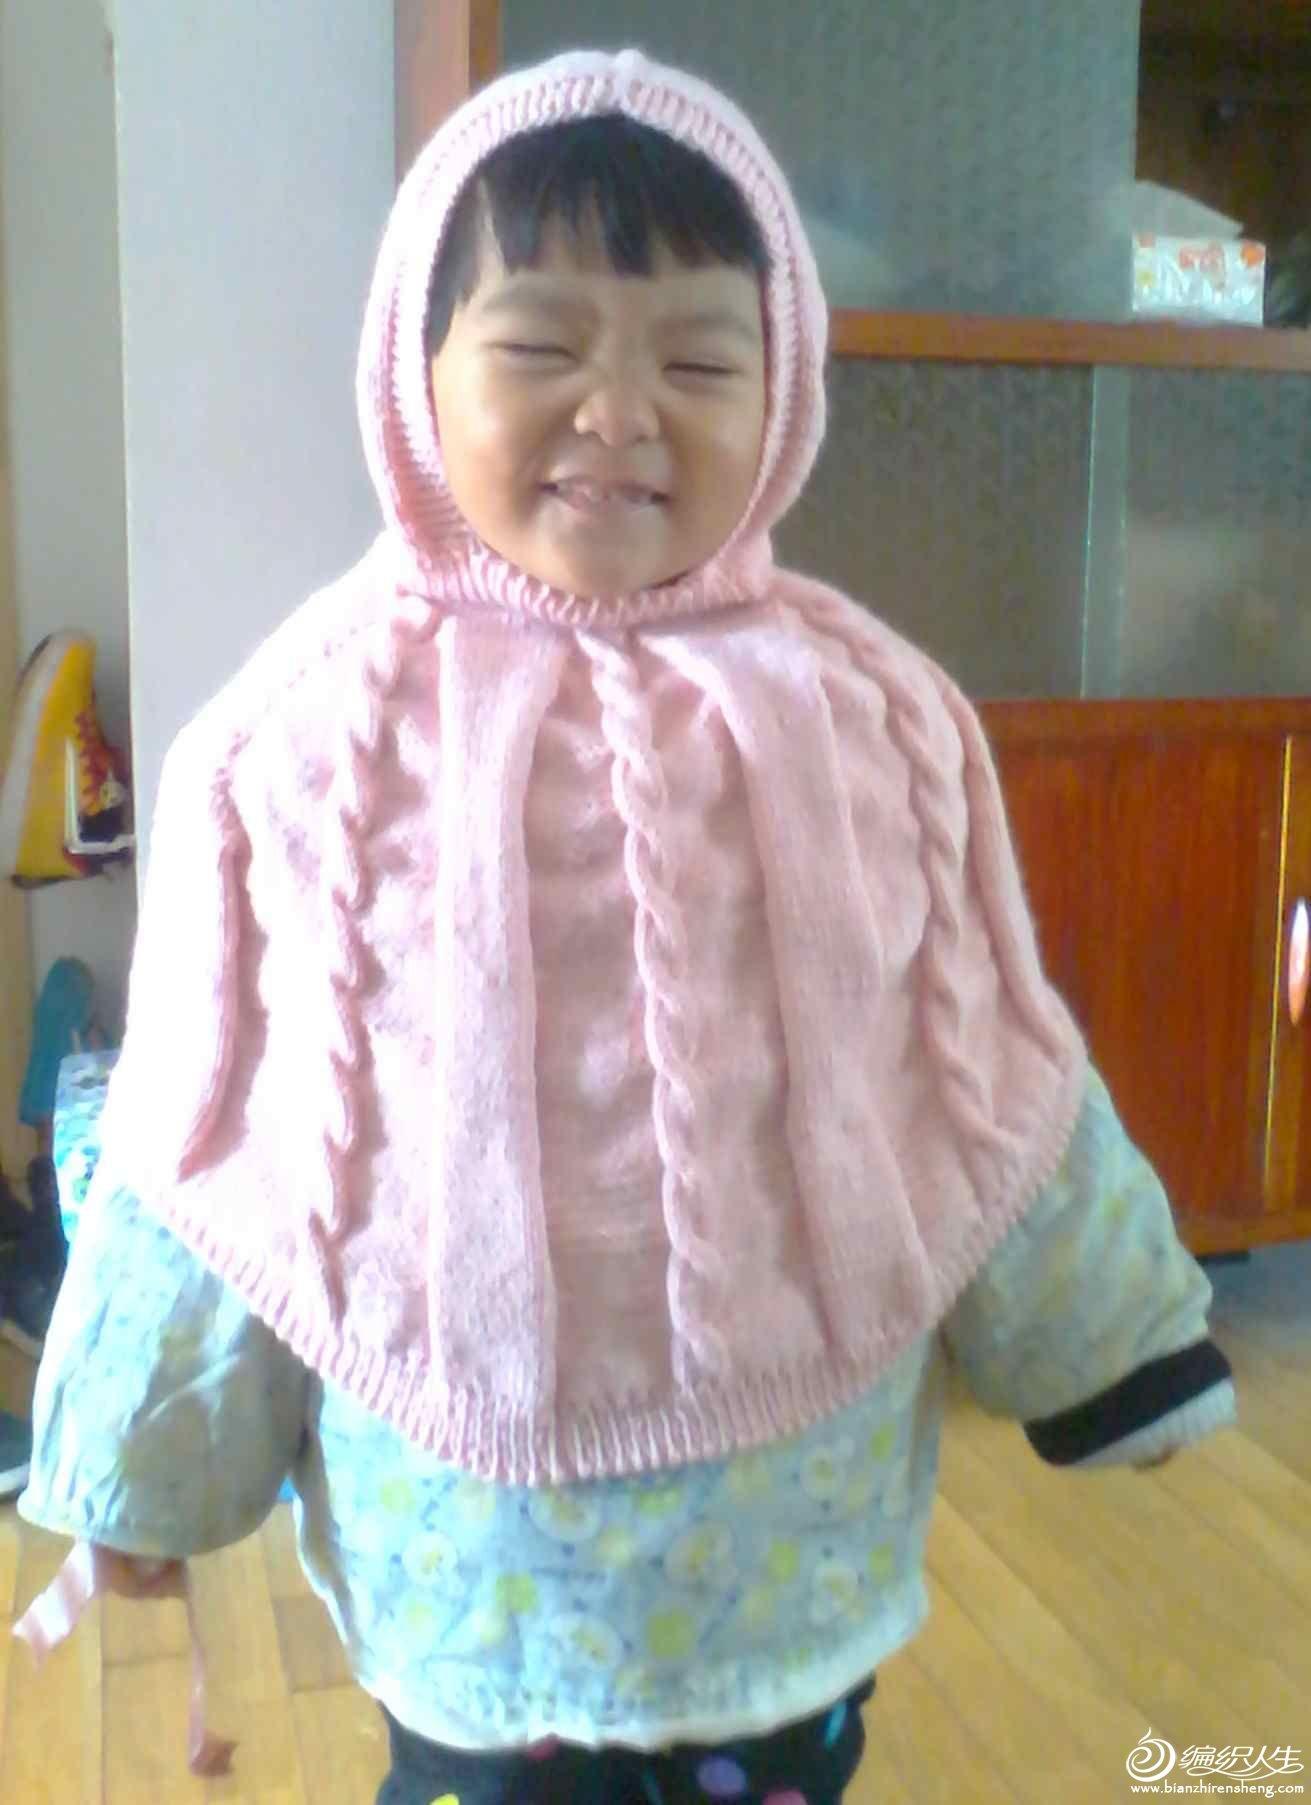 女儿很开心,扮鬼脸